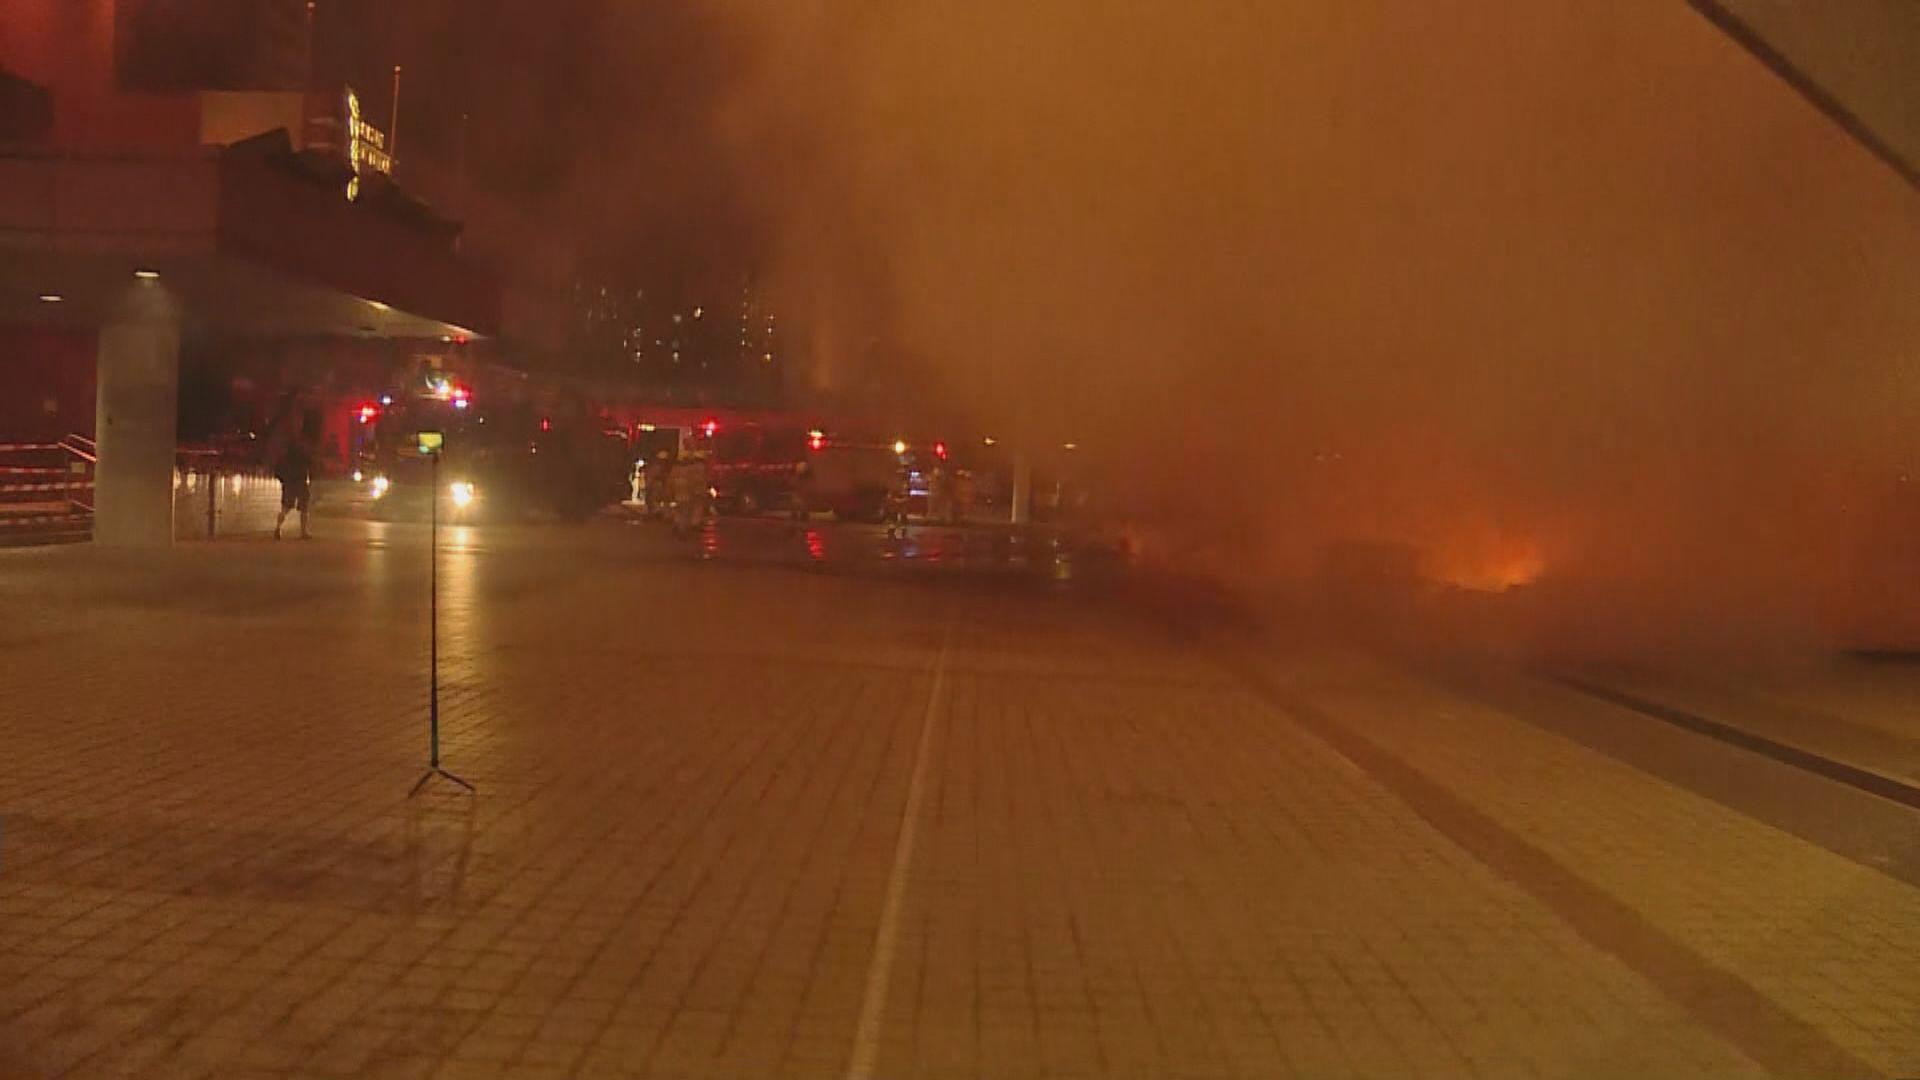 屯門大會堂外有雜物着火